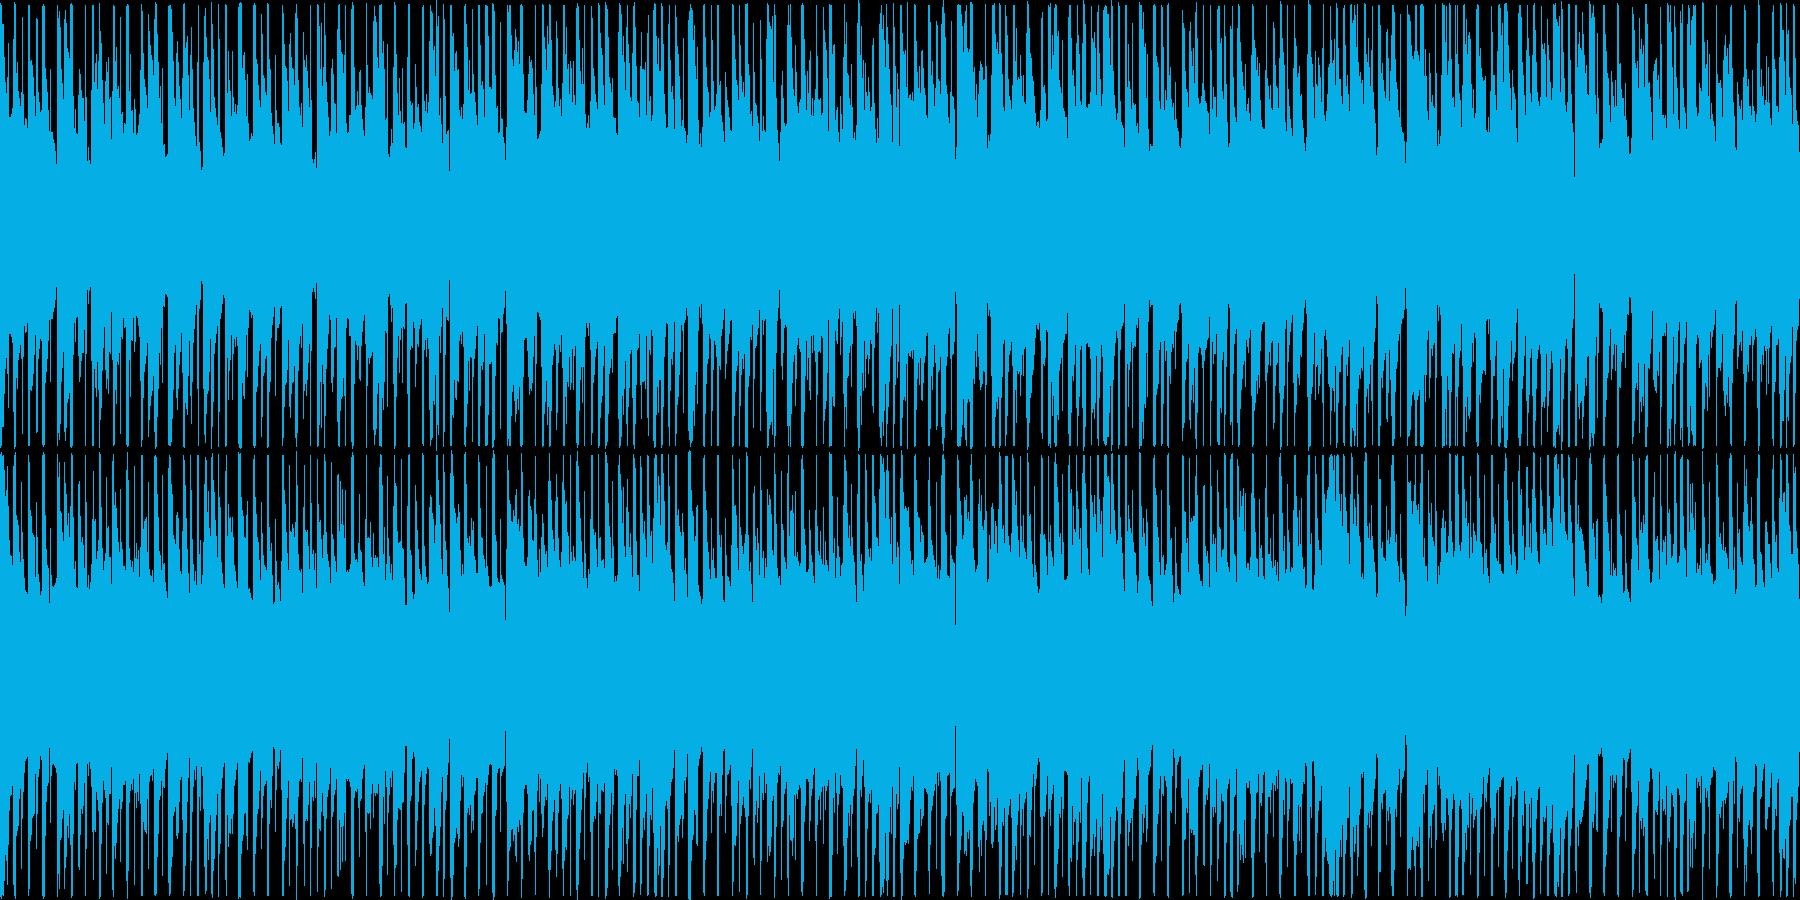 楽しくコミカルなBGMの再生済みの波形